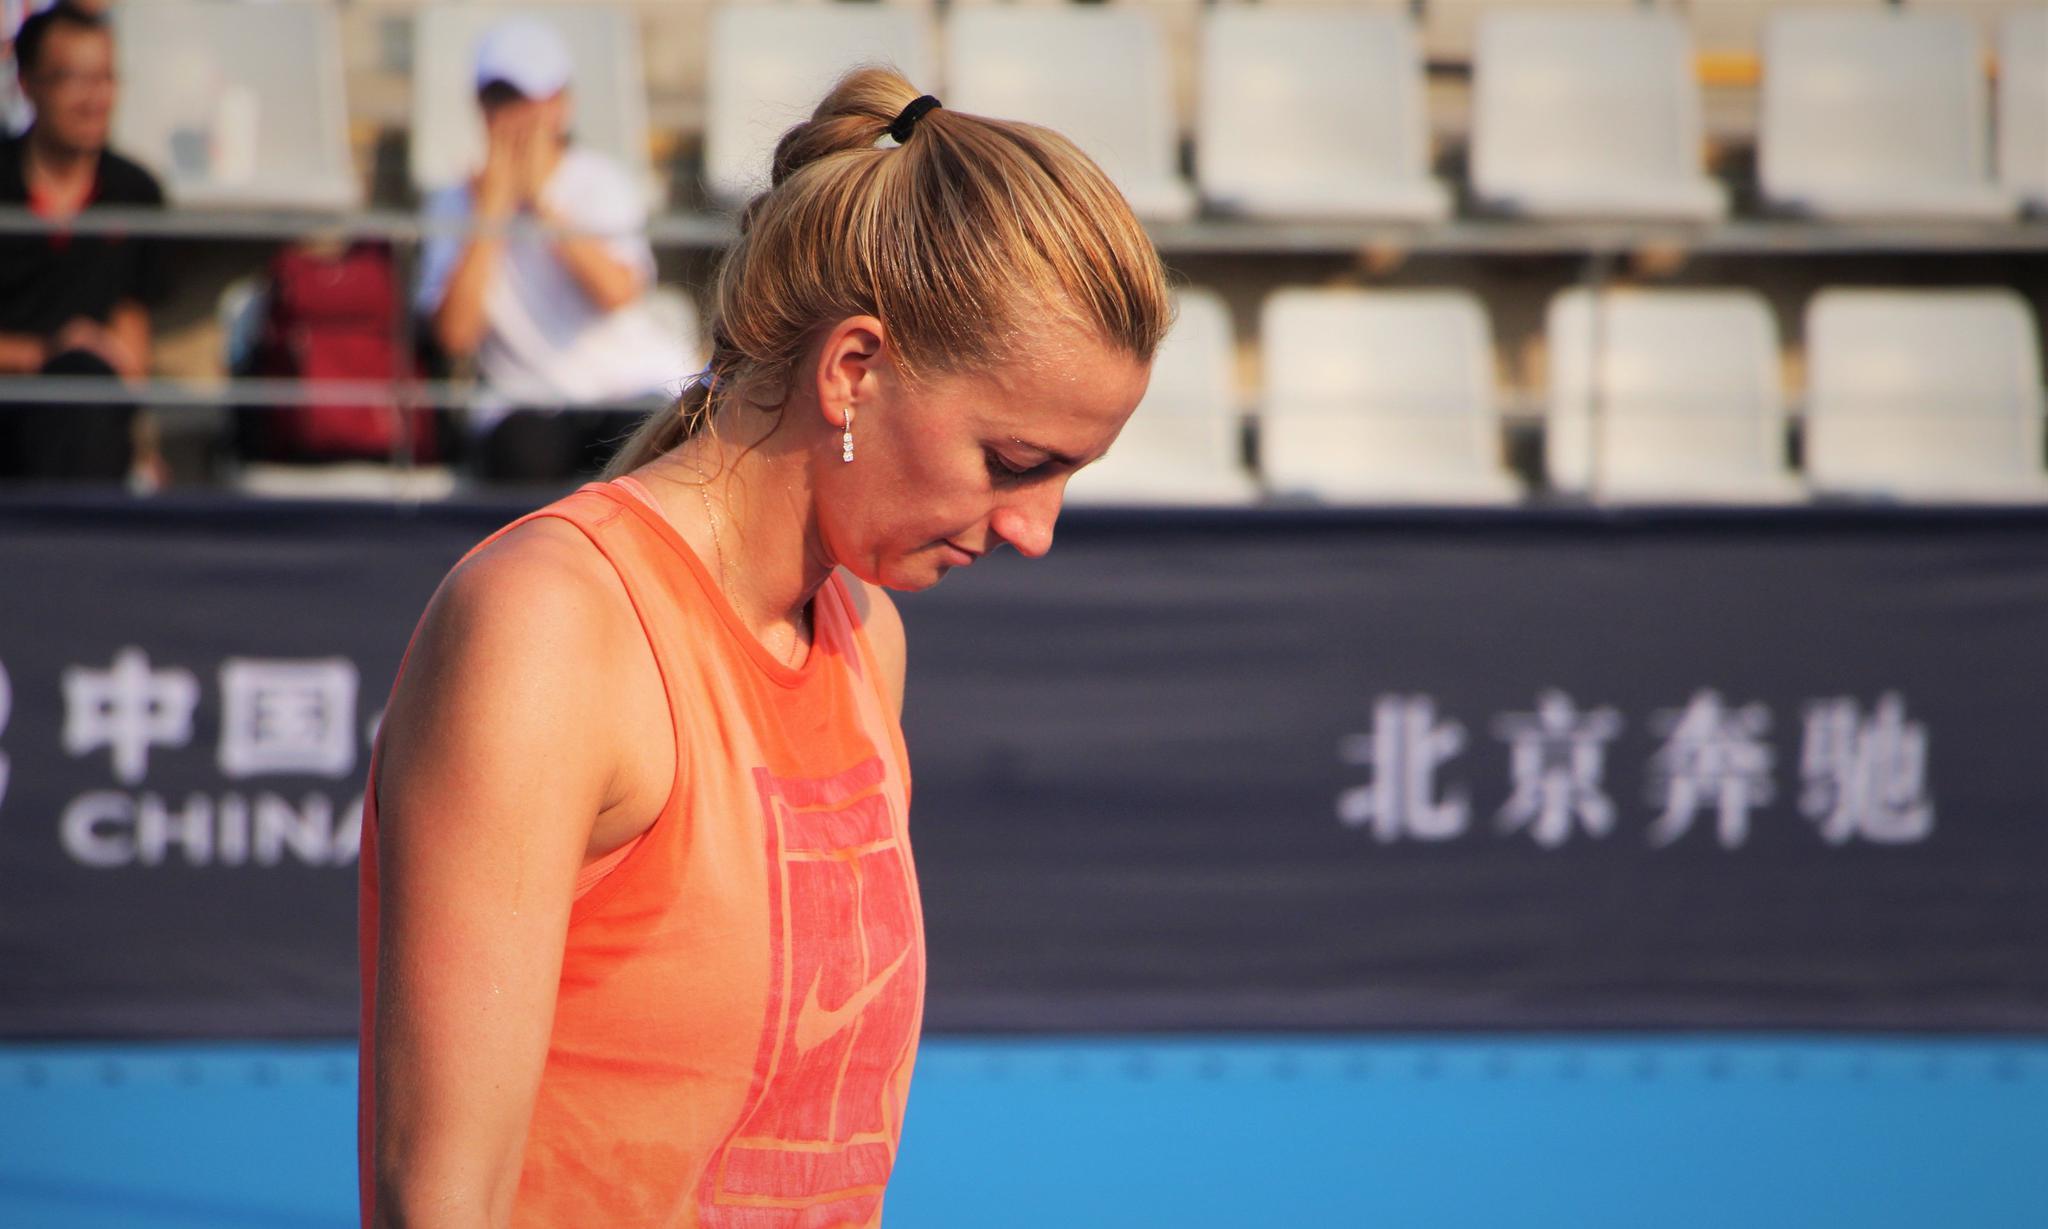 图集:直击中网球员训练,科维托娃金发碧眼令人着迷